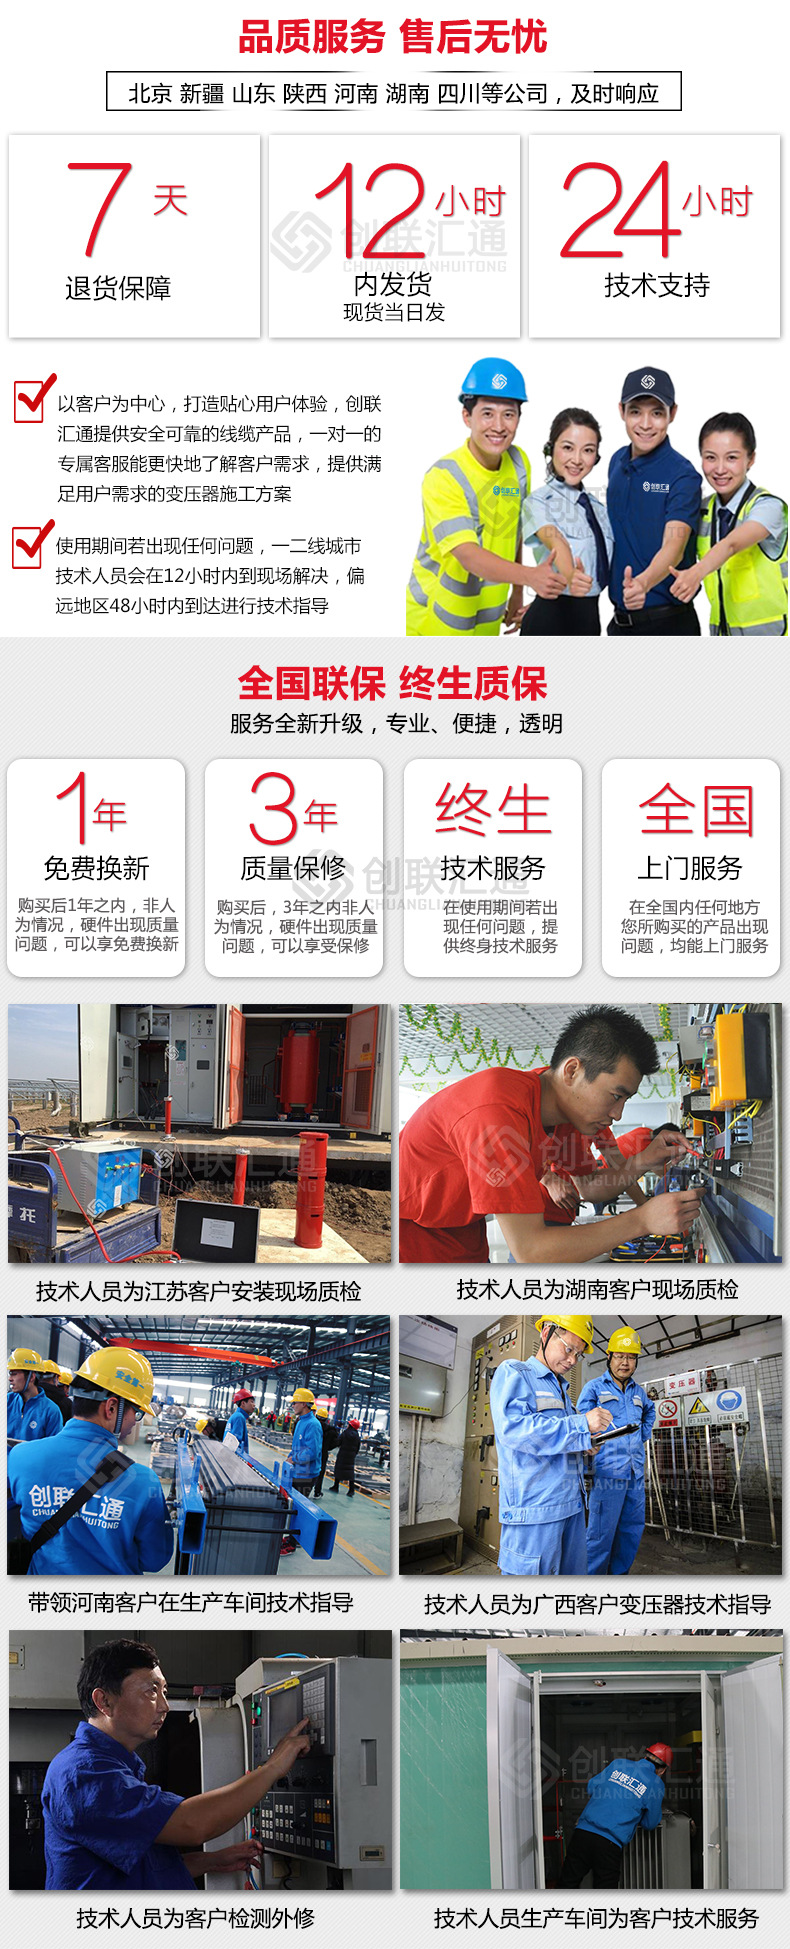 厂家热销河南YBM箱式变电站价格 YBM欧式箱式变压器厂家定制-创联汇通示例图11